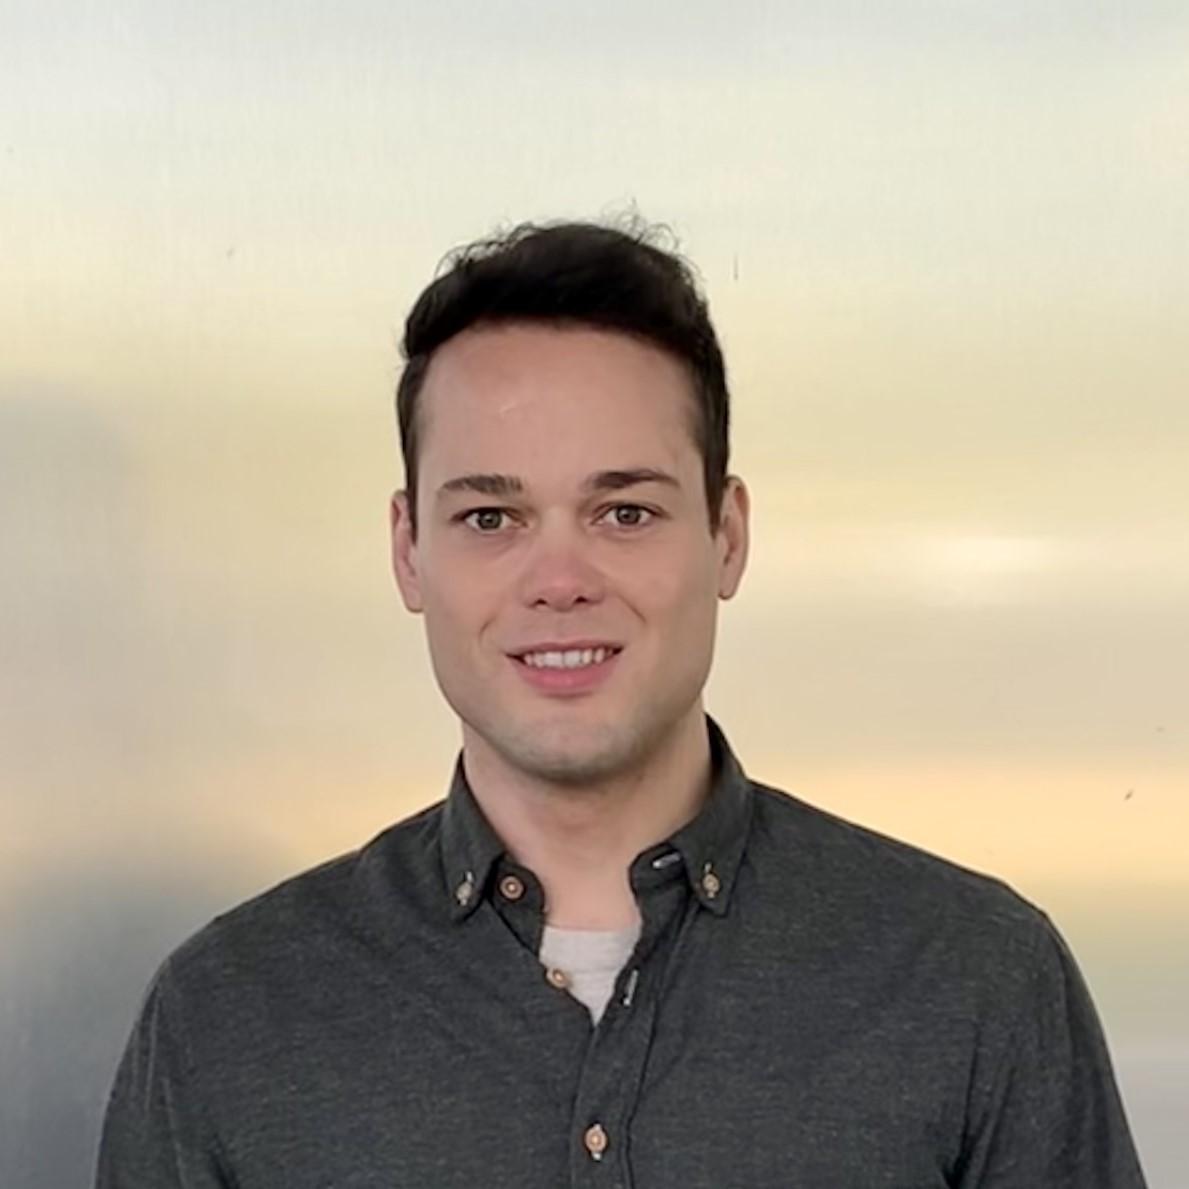 Dieses Bild zeigt  Johannes Schüle